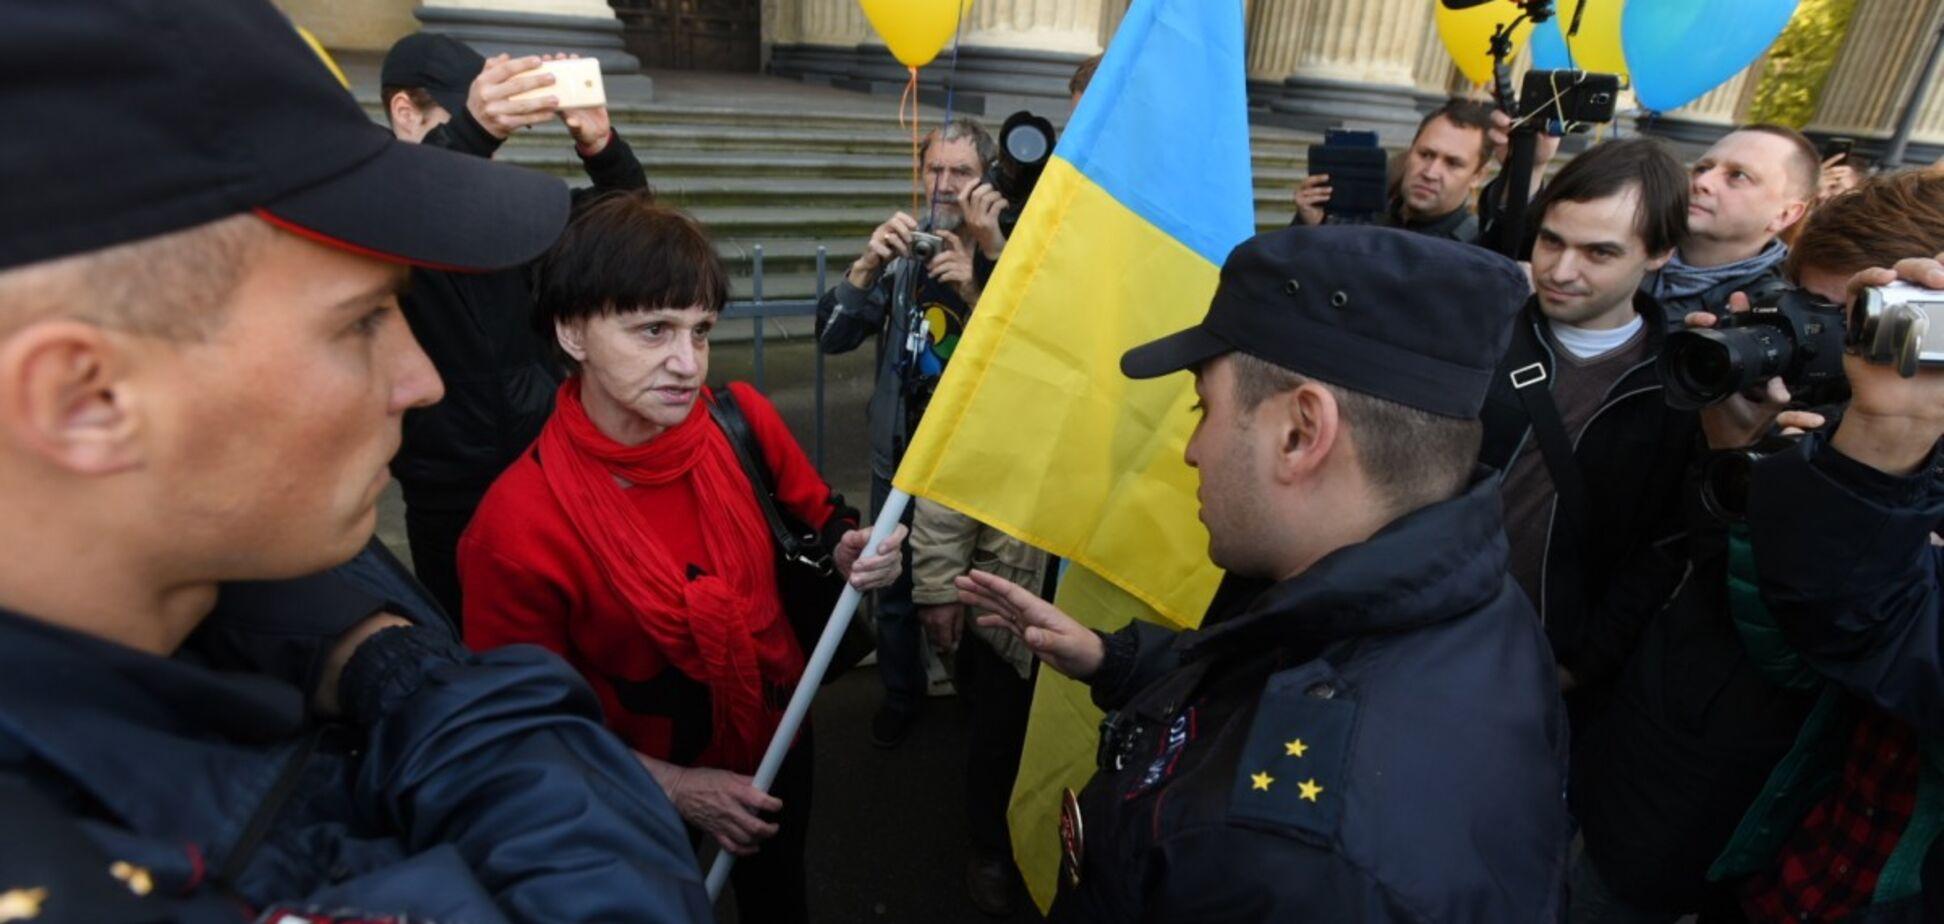 Полиция Санкт-Петербурга сорвала марш против войны с Украиной